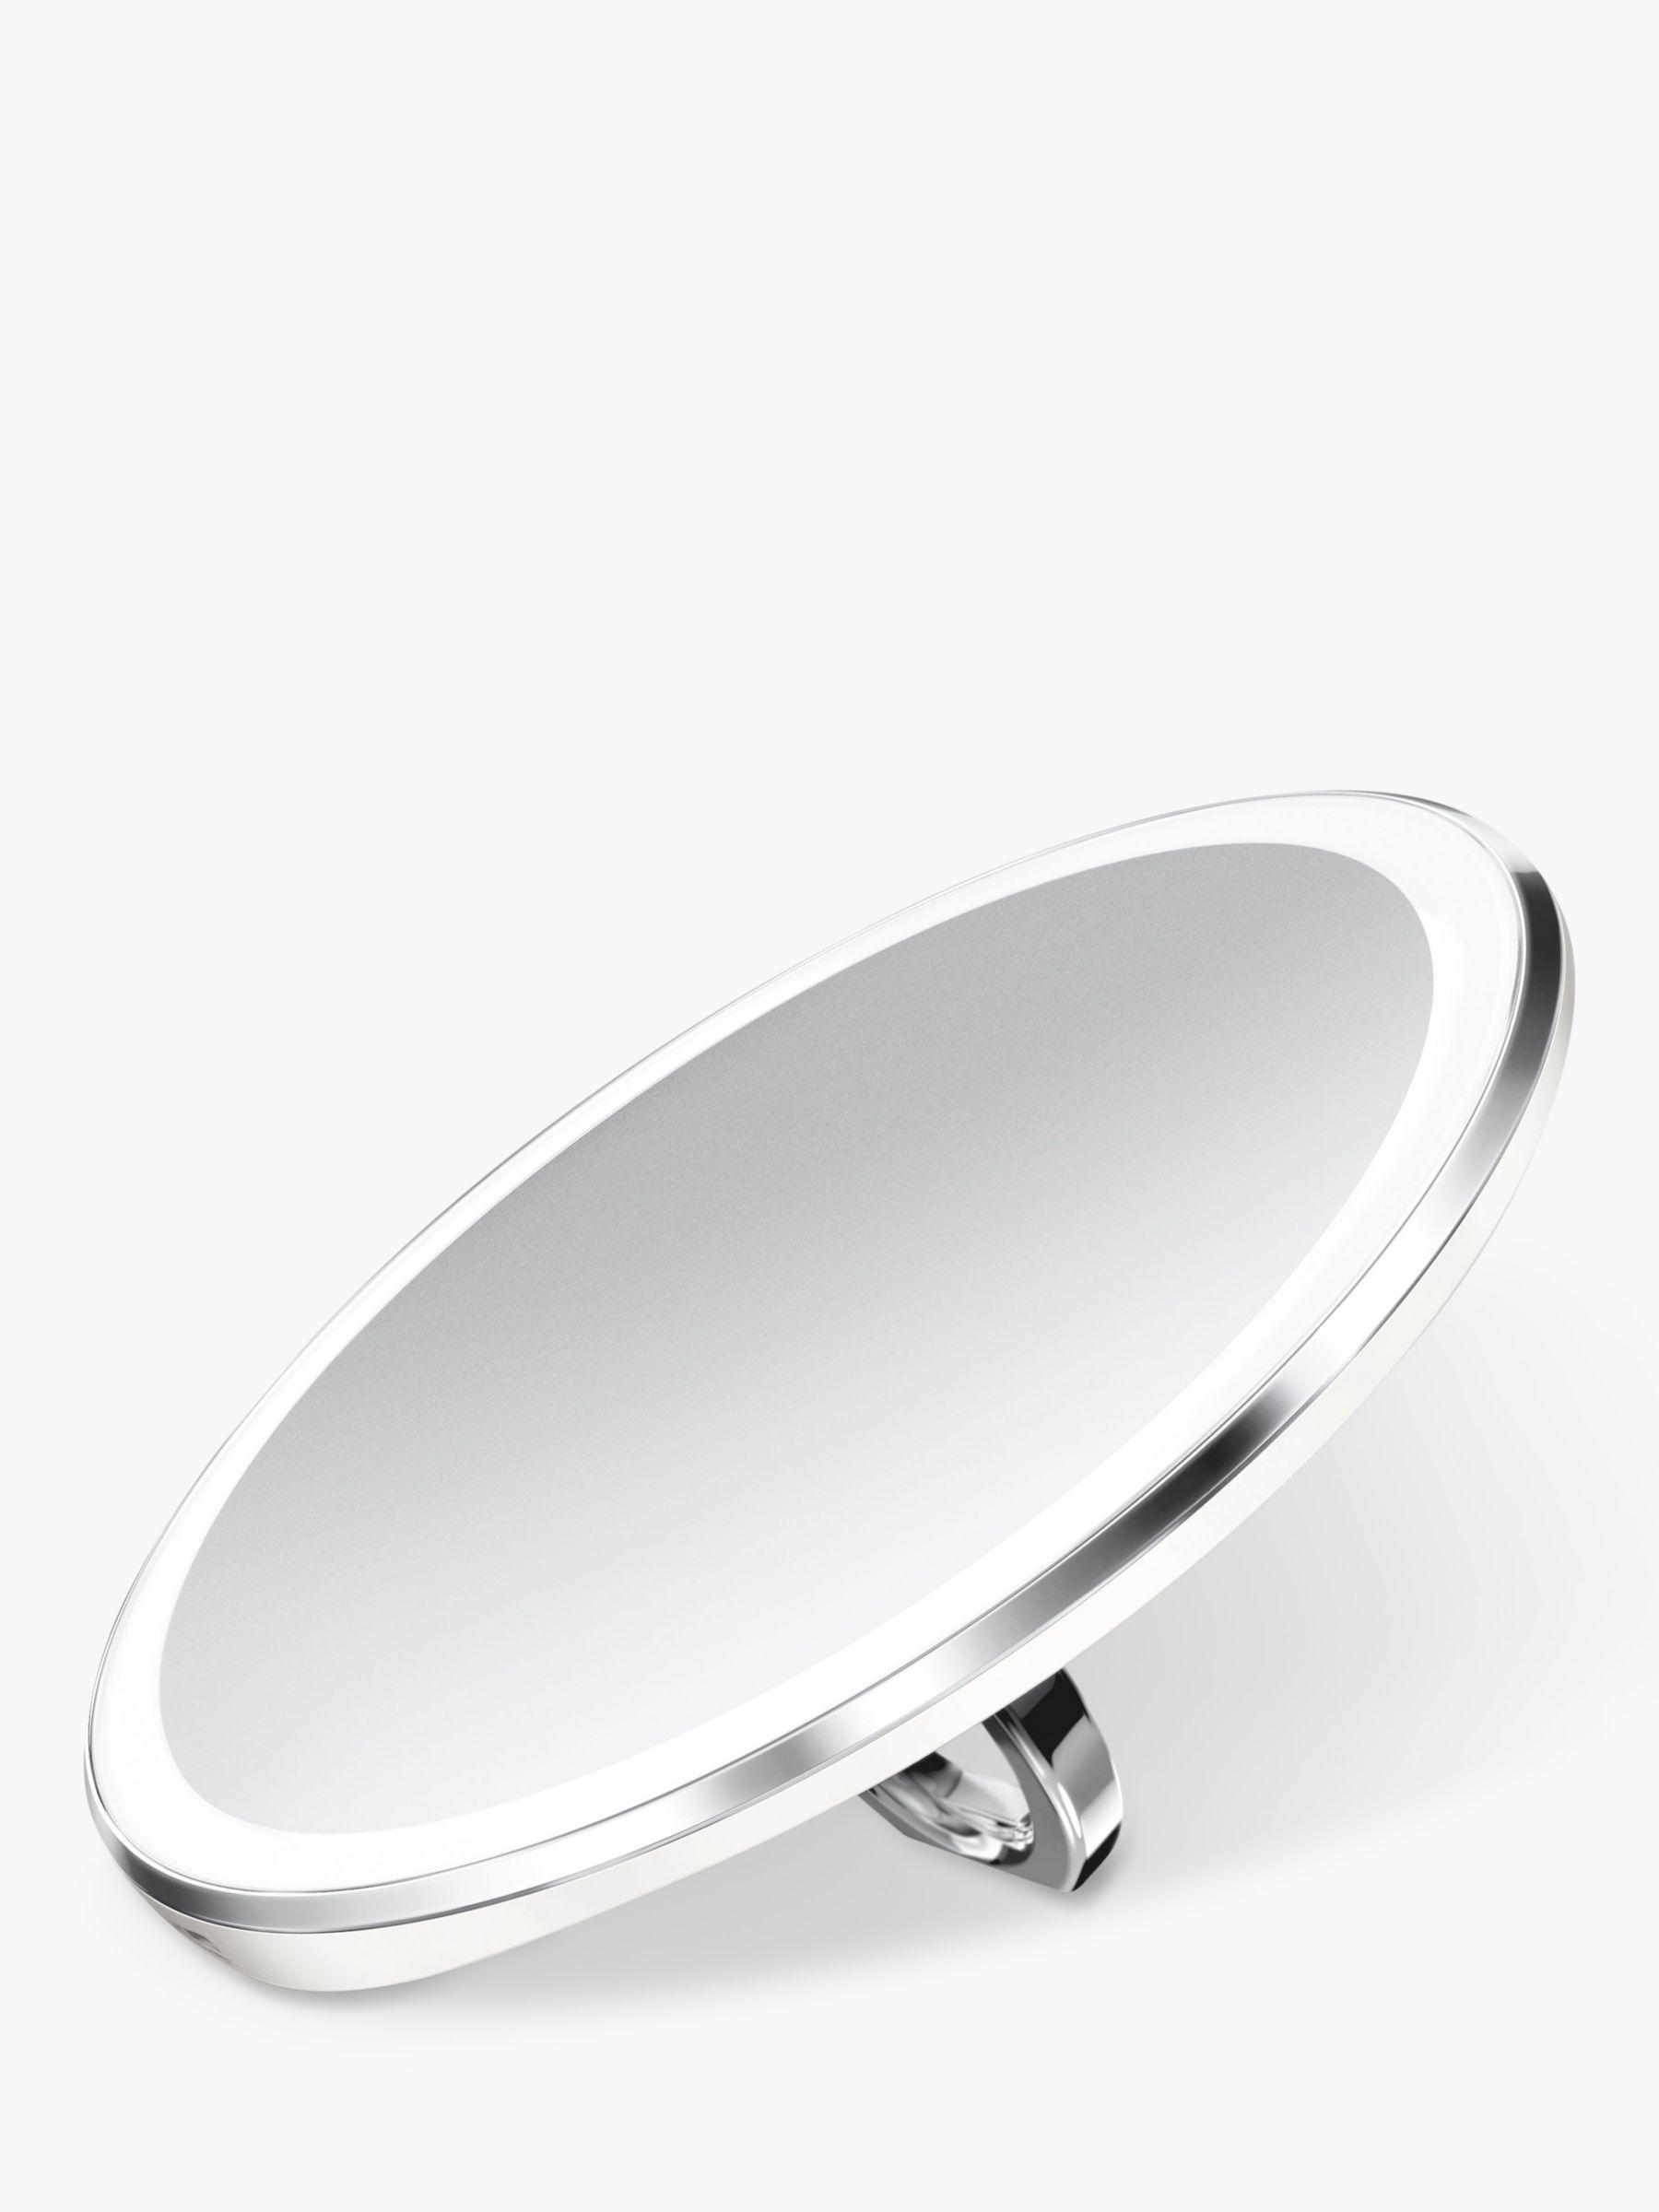 Simplehuman simplehuman Compact Mirror